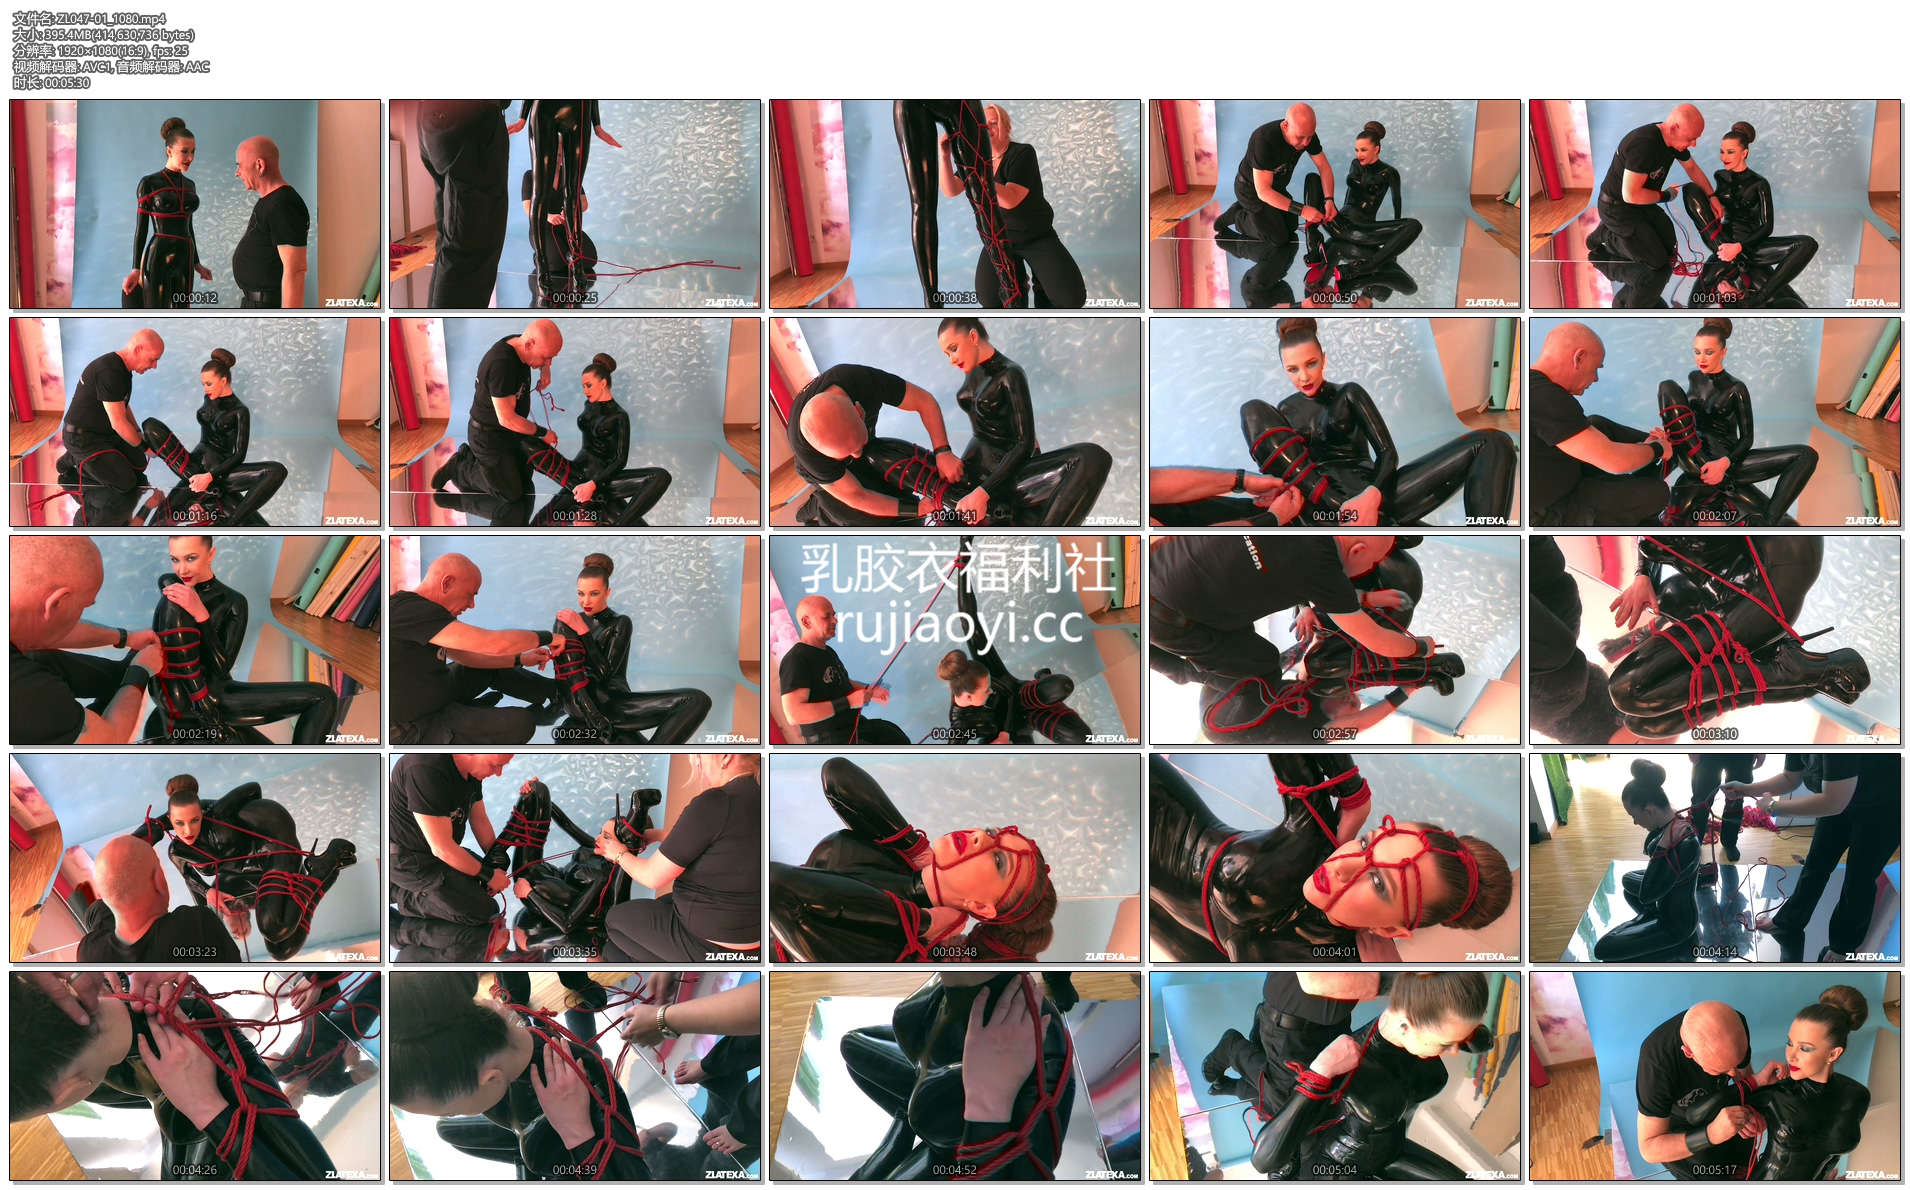 [永V专享-独家精品乳胶衣视频] 黑色乳胶衣红绳捆绑-1080p高清视频 [1V/395M]